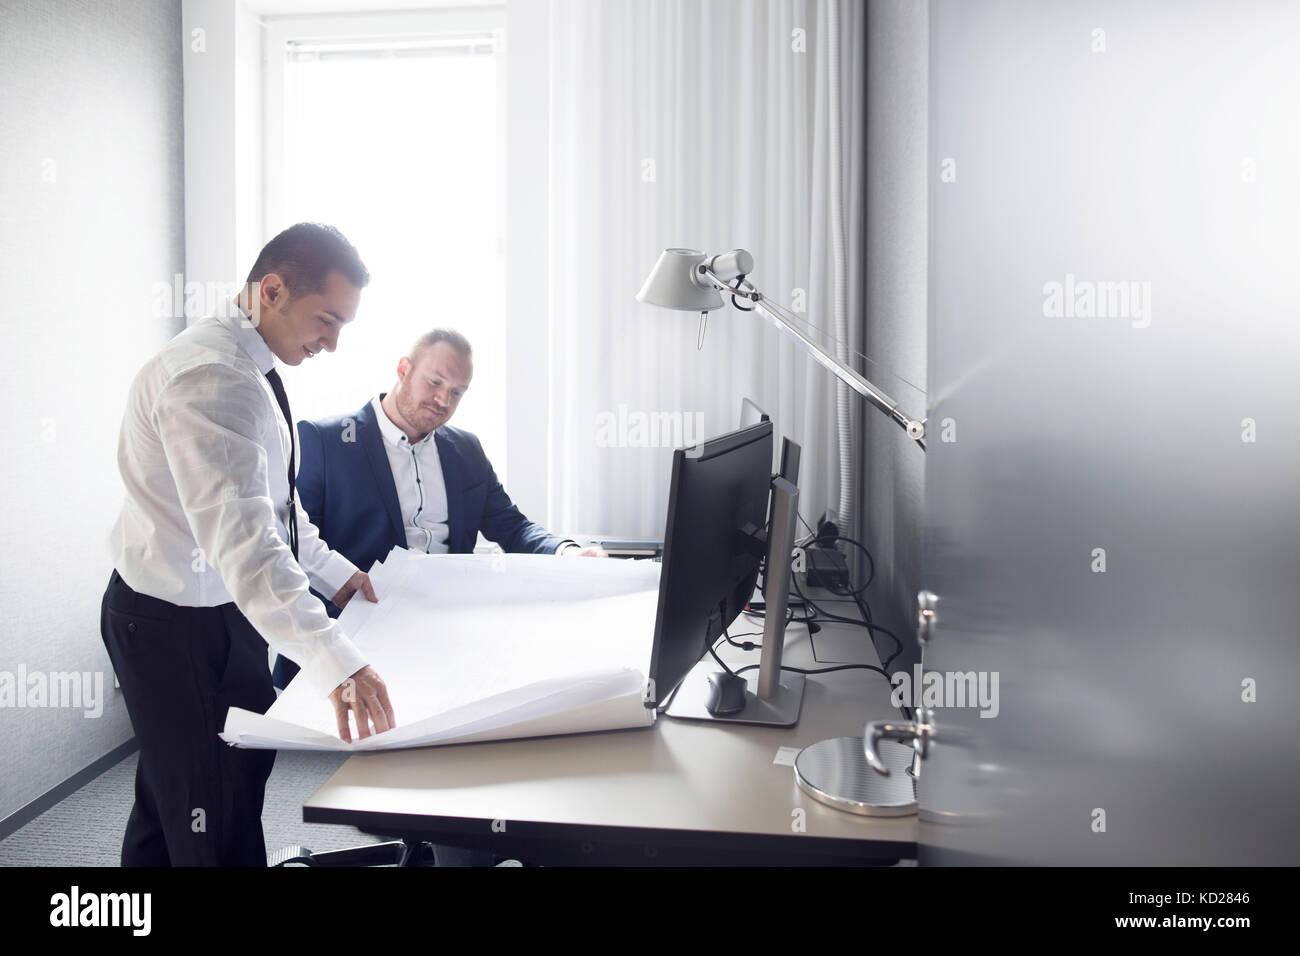 Los arquitectos que trabajan en la oficina Imagen De Stock